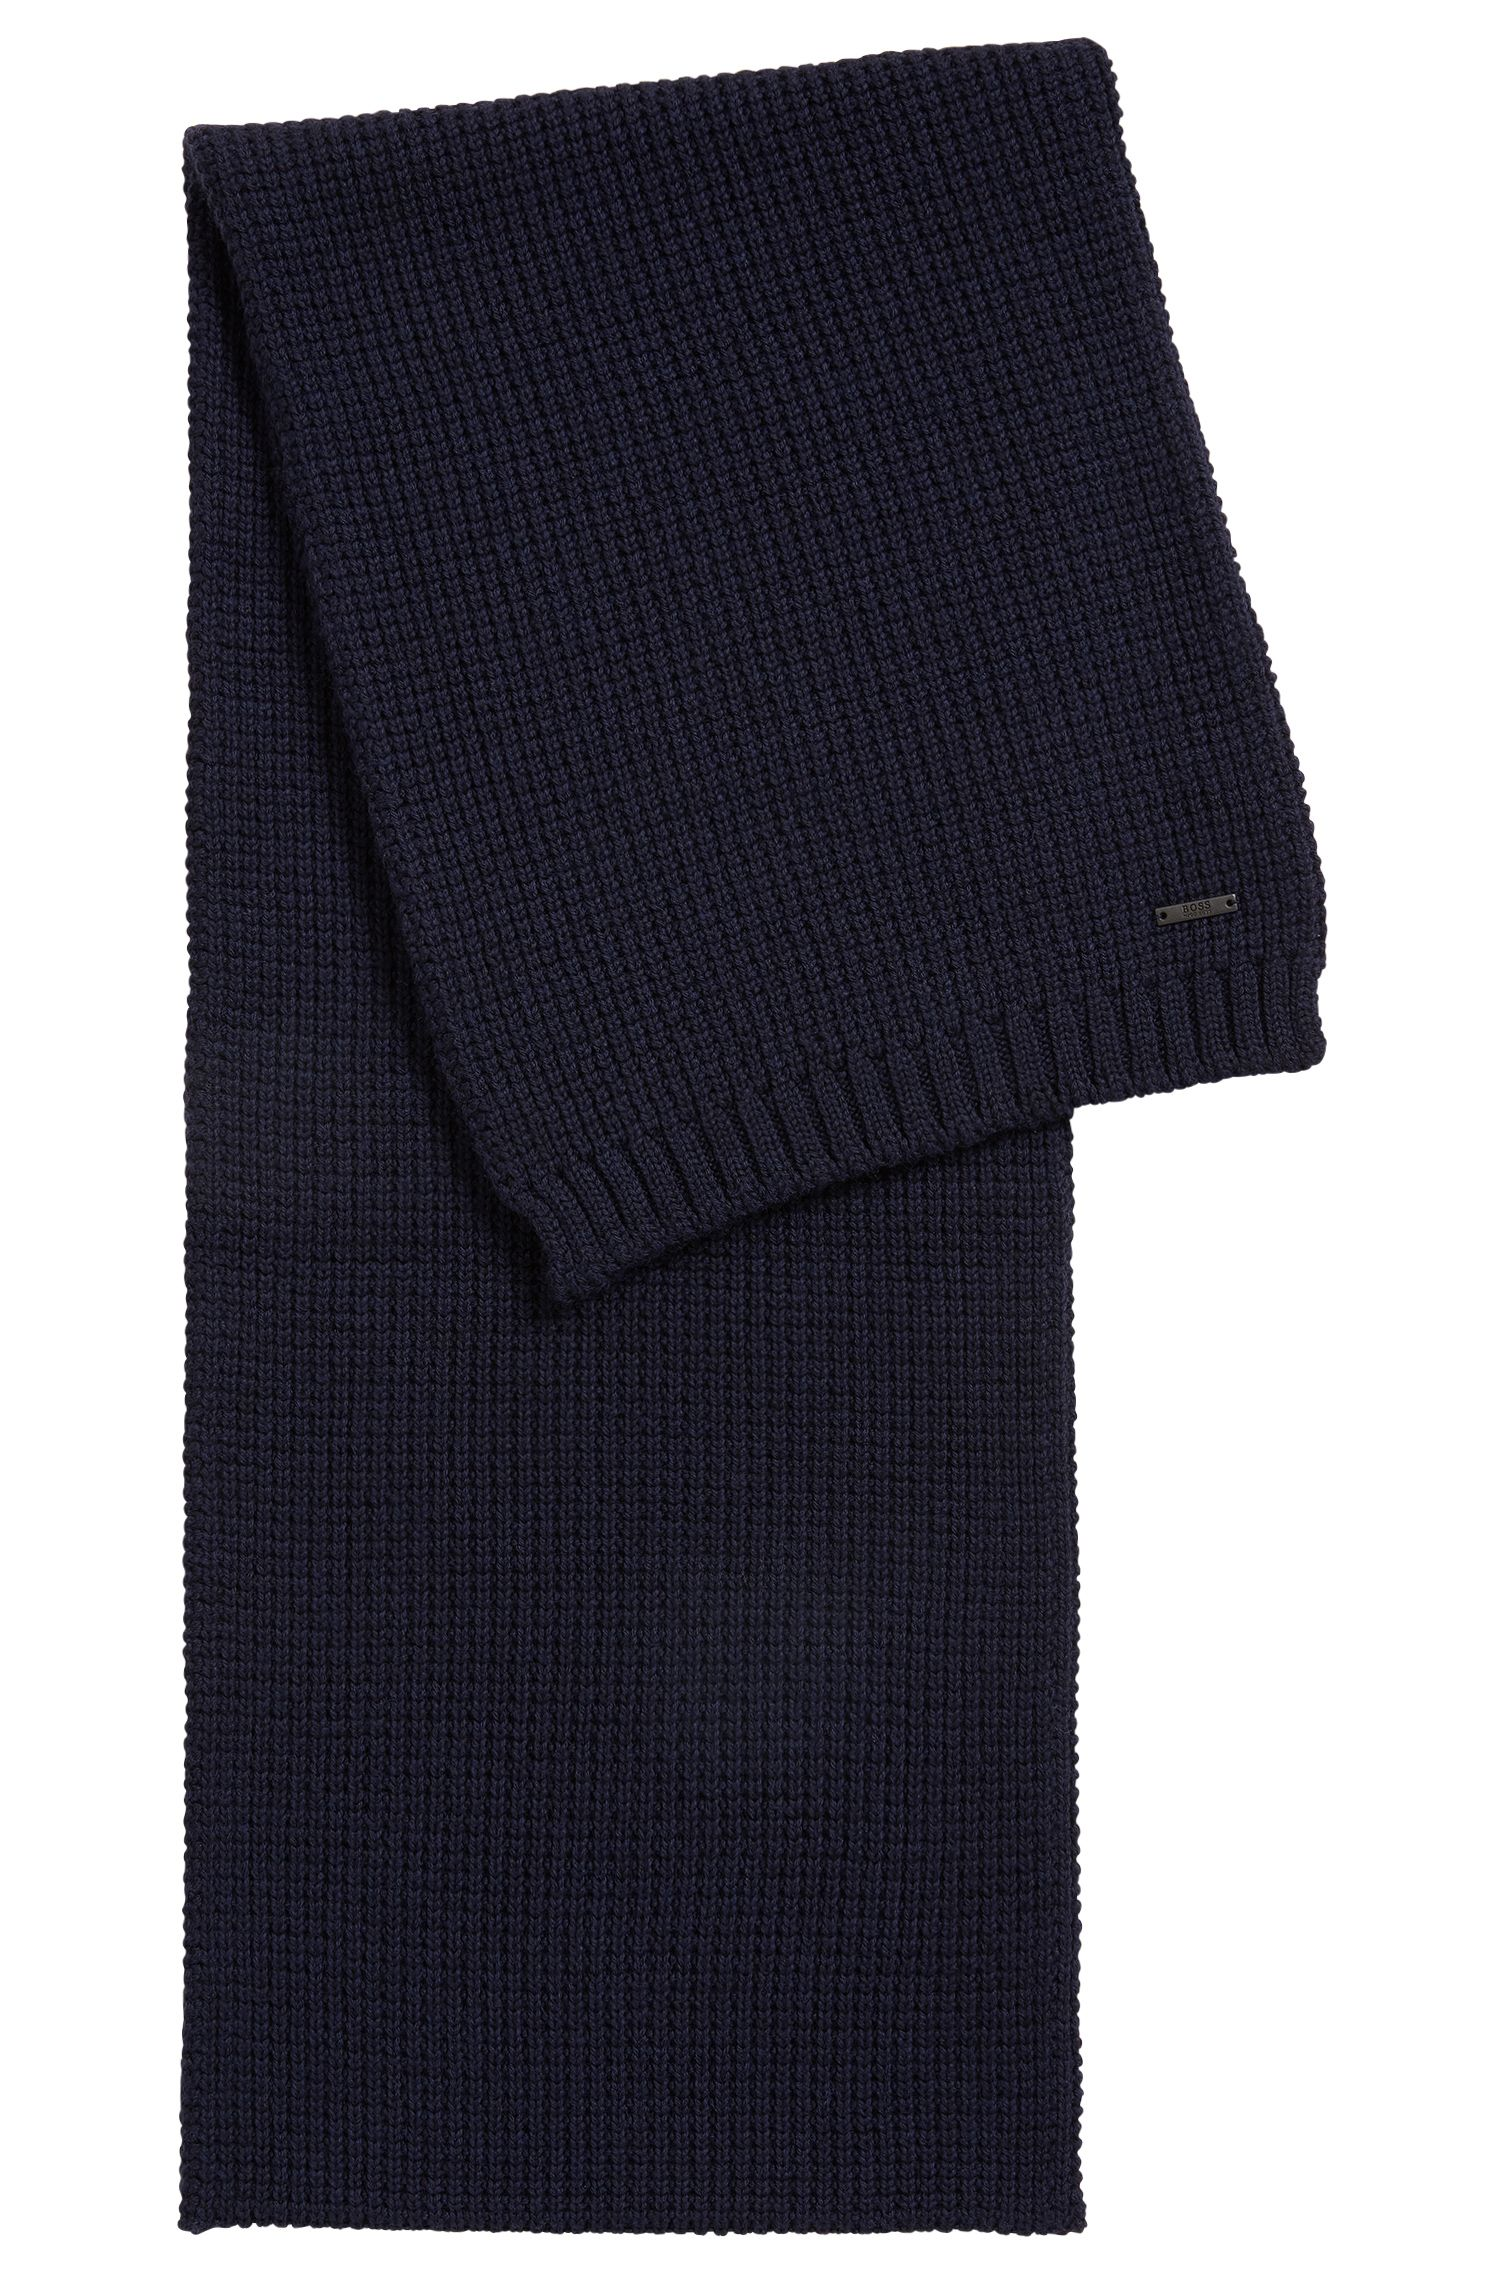 Sjaal van scheerwol in wafelsteek